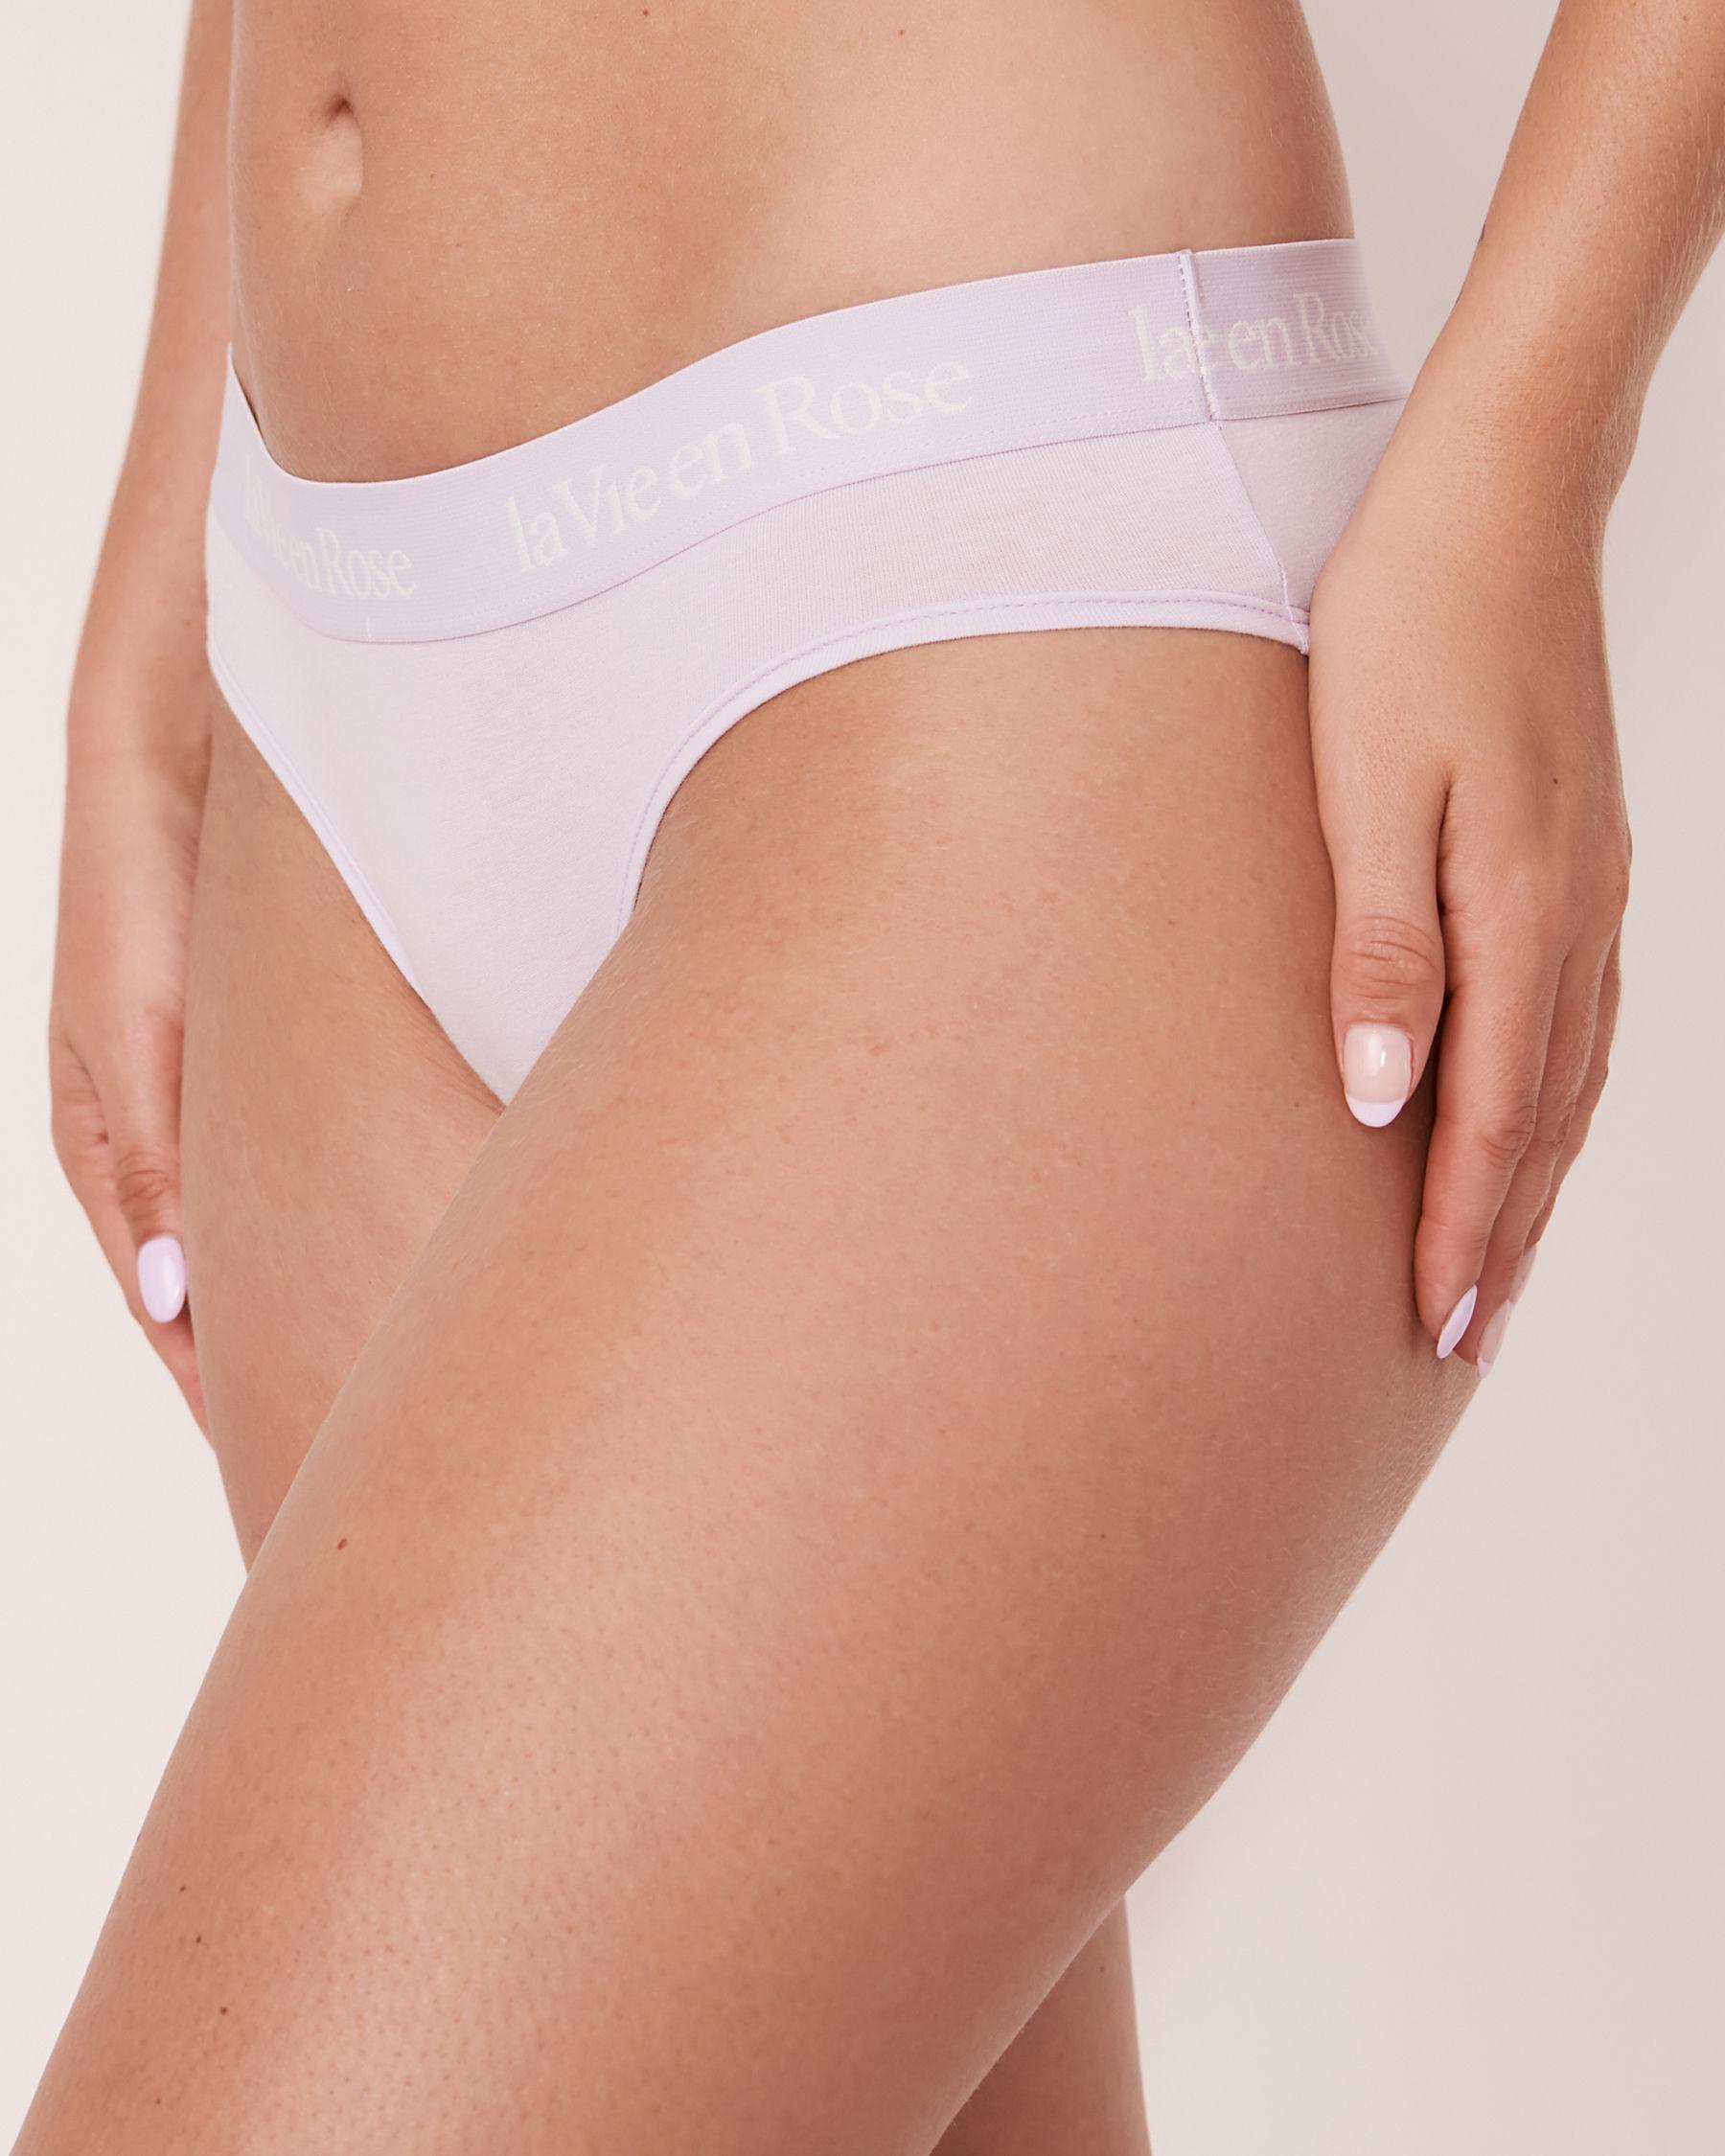 LA VIE EN ROSE Bikini Panty Light lilac 20100069 - View1